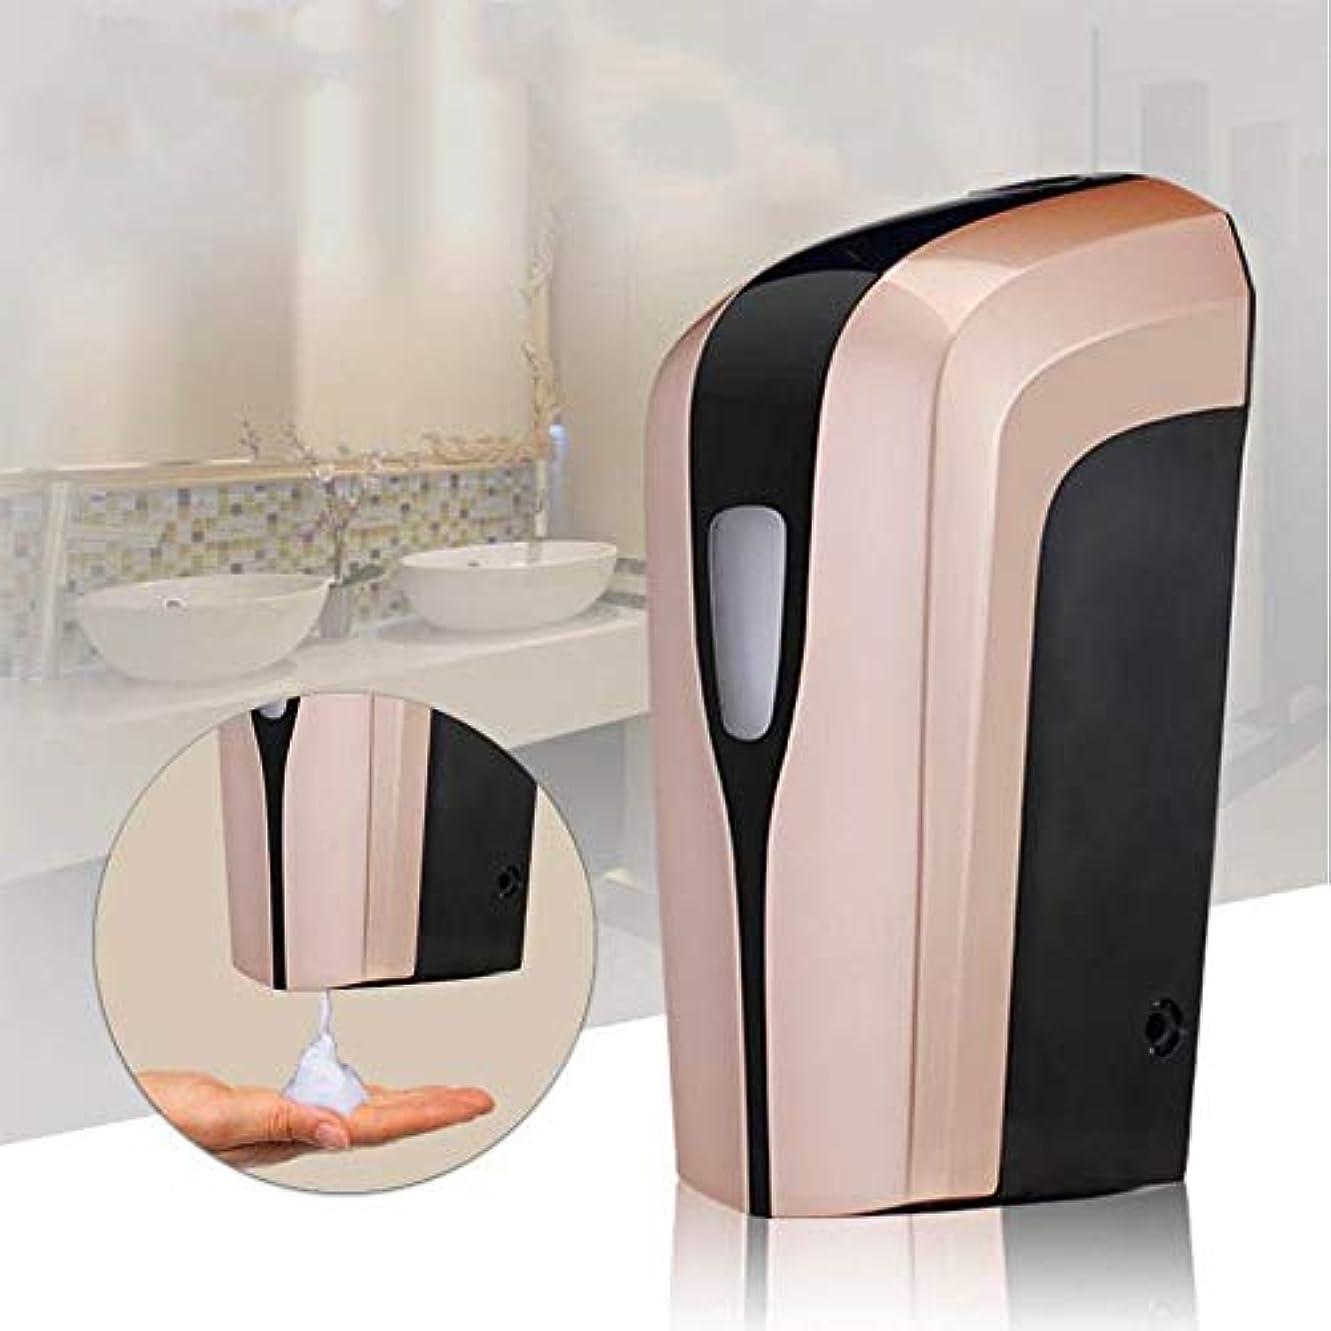 中断毎日経過ソープディスペンサー 400ミリリットル容量の自動ソープディスペンサー、タッチレスバッテリーは電動ハンドフリーソープディスペンサーを運営しました ハンドソープ 食器用洗剤 キッチン 洗面所などに適用 (Color : Local...